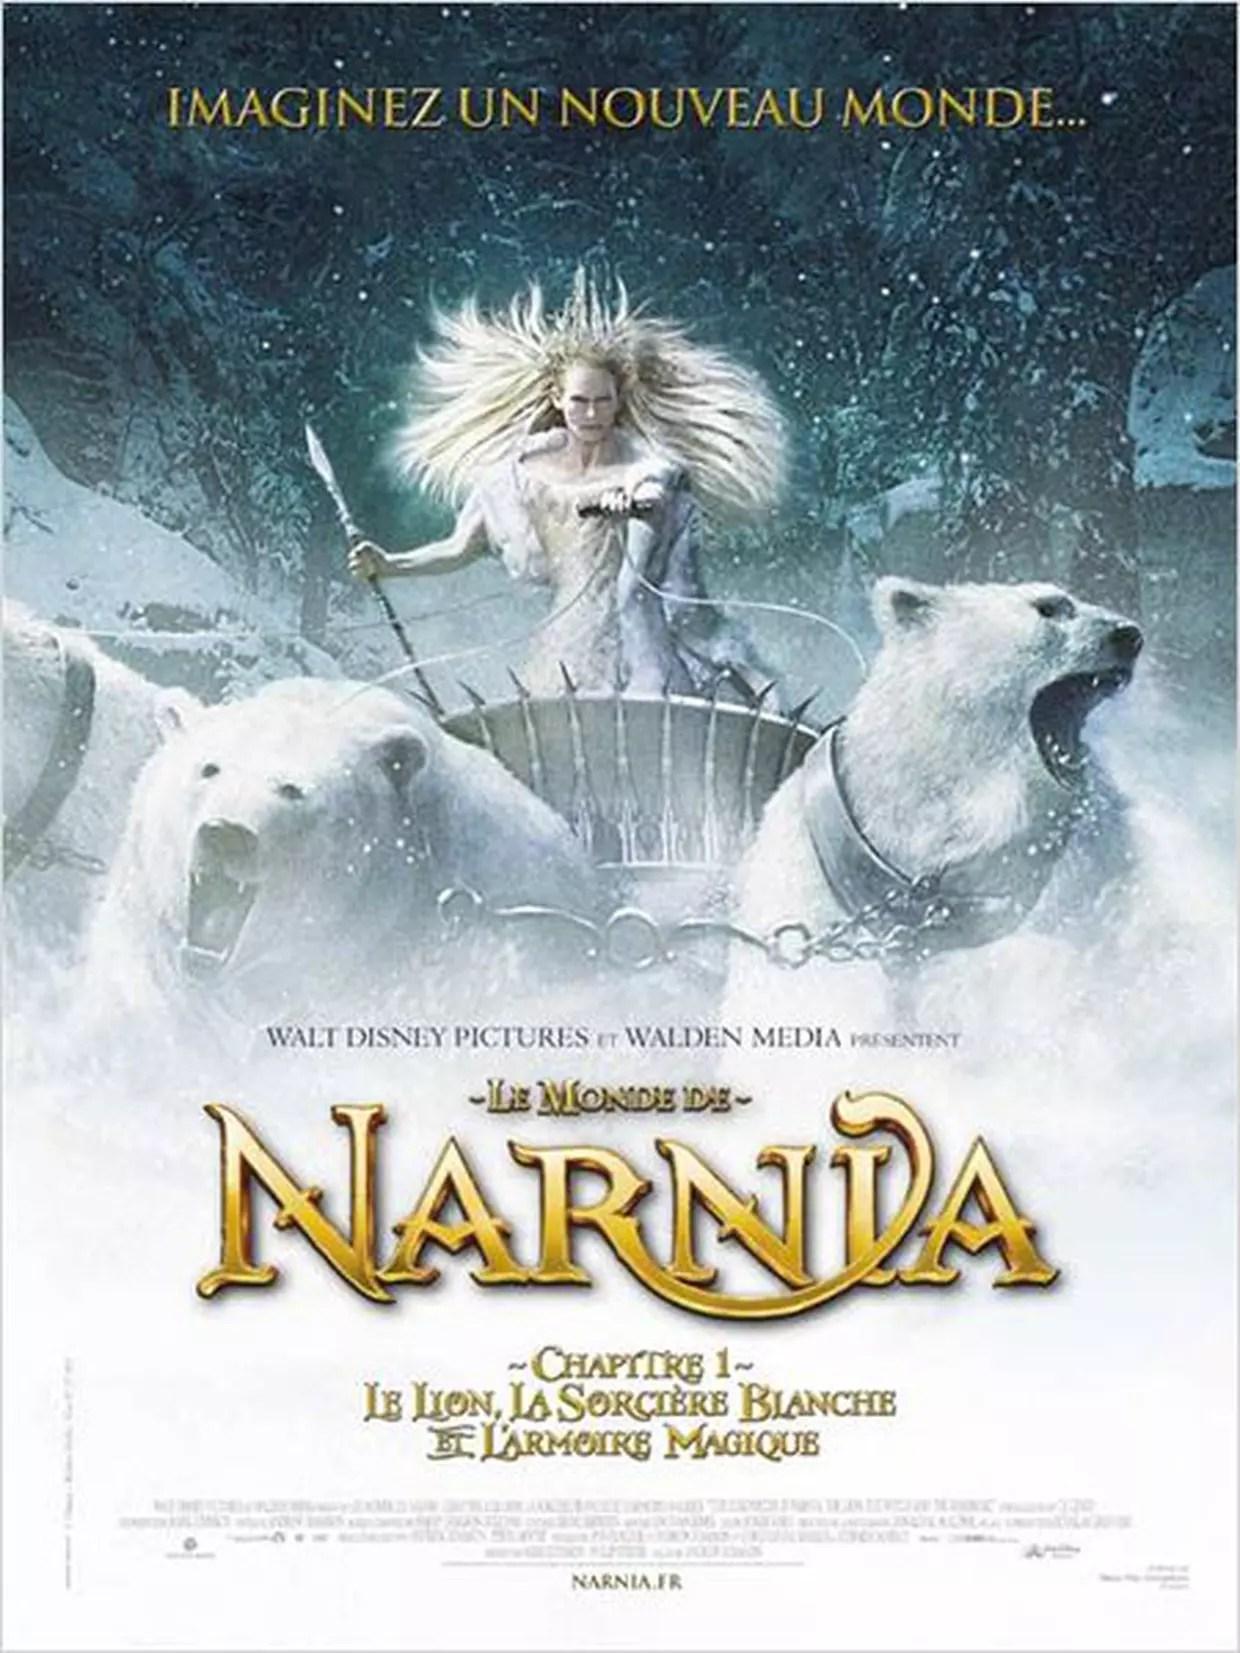 Le Monde De Narnia Films : monde, narnia, films, Monde, Narnia,, Chapitre, Lion,, Sorcière, Blanche, L'armoire, Magique, Bande, Annonce, Film,, Séances,, Streaming,, Sortie,